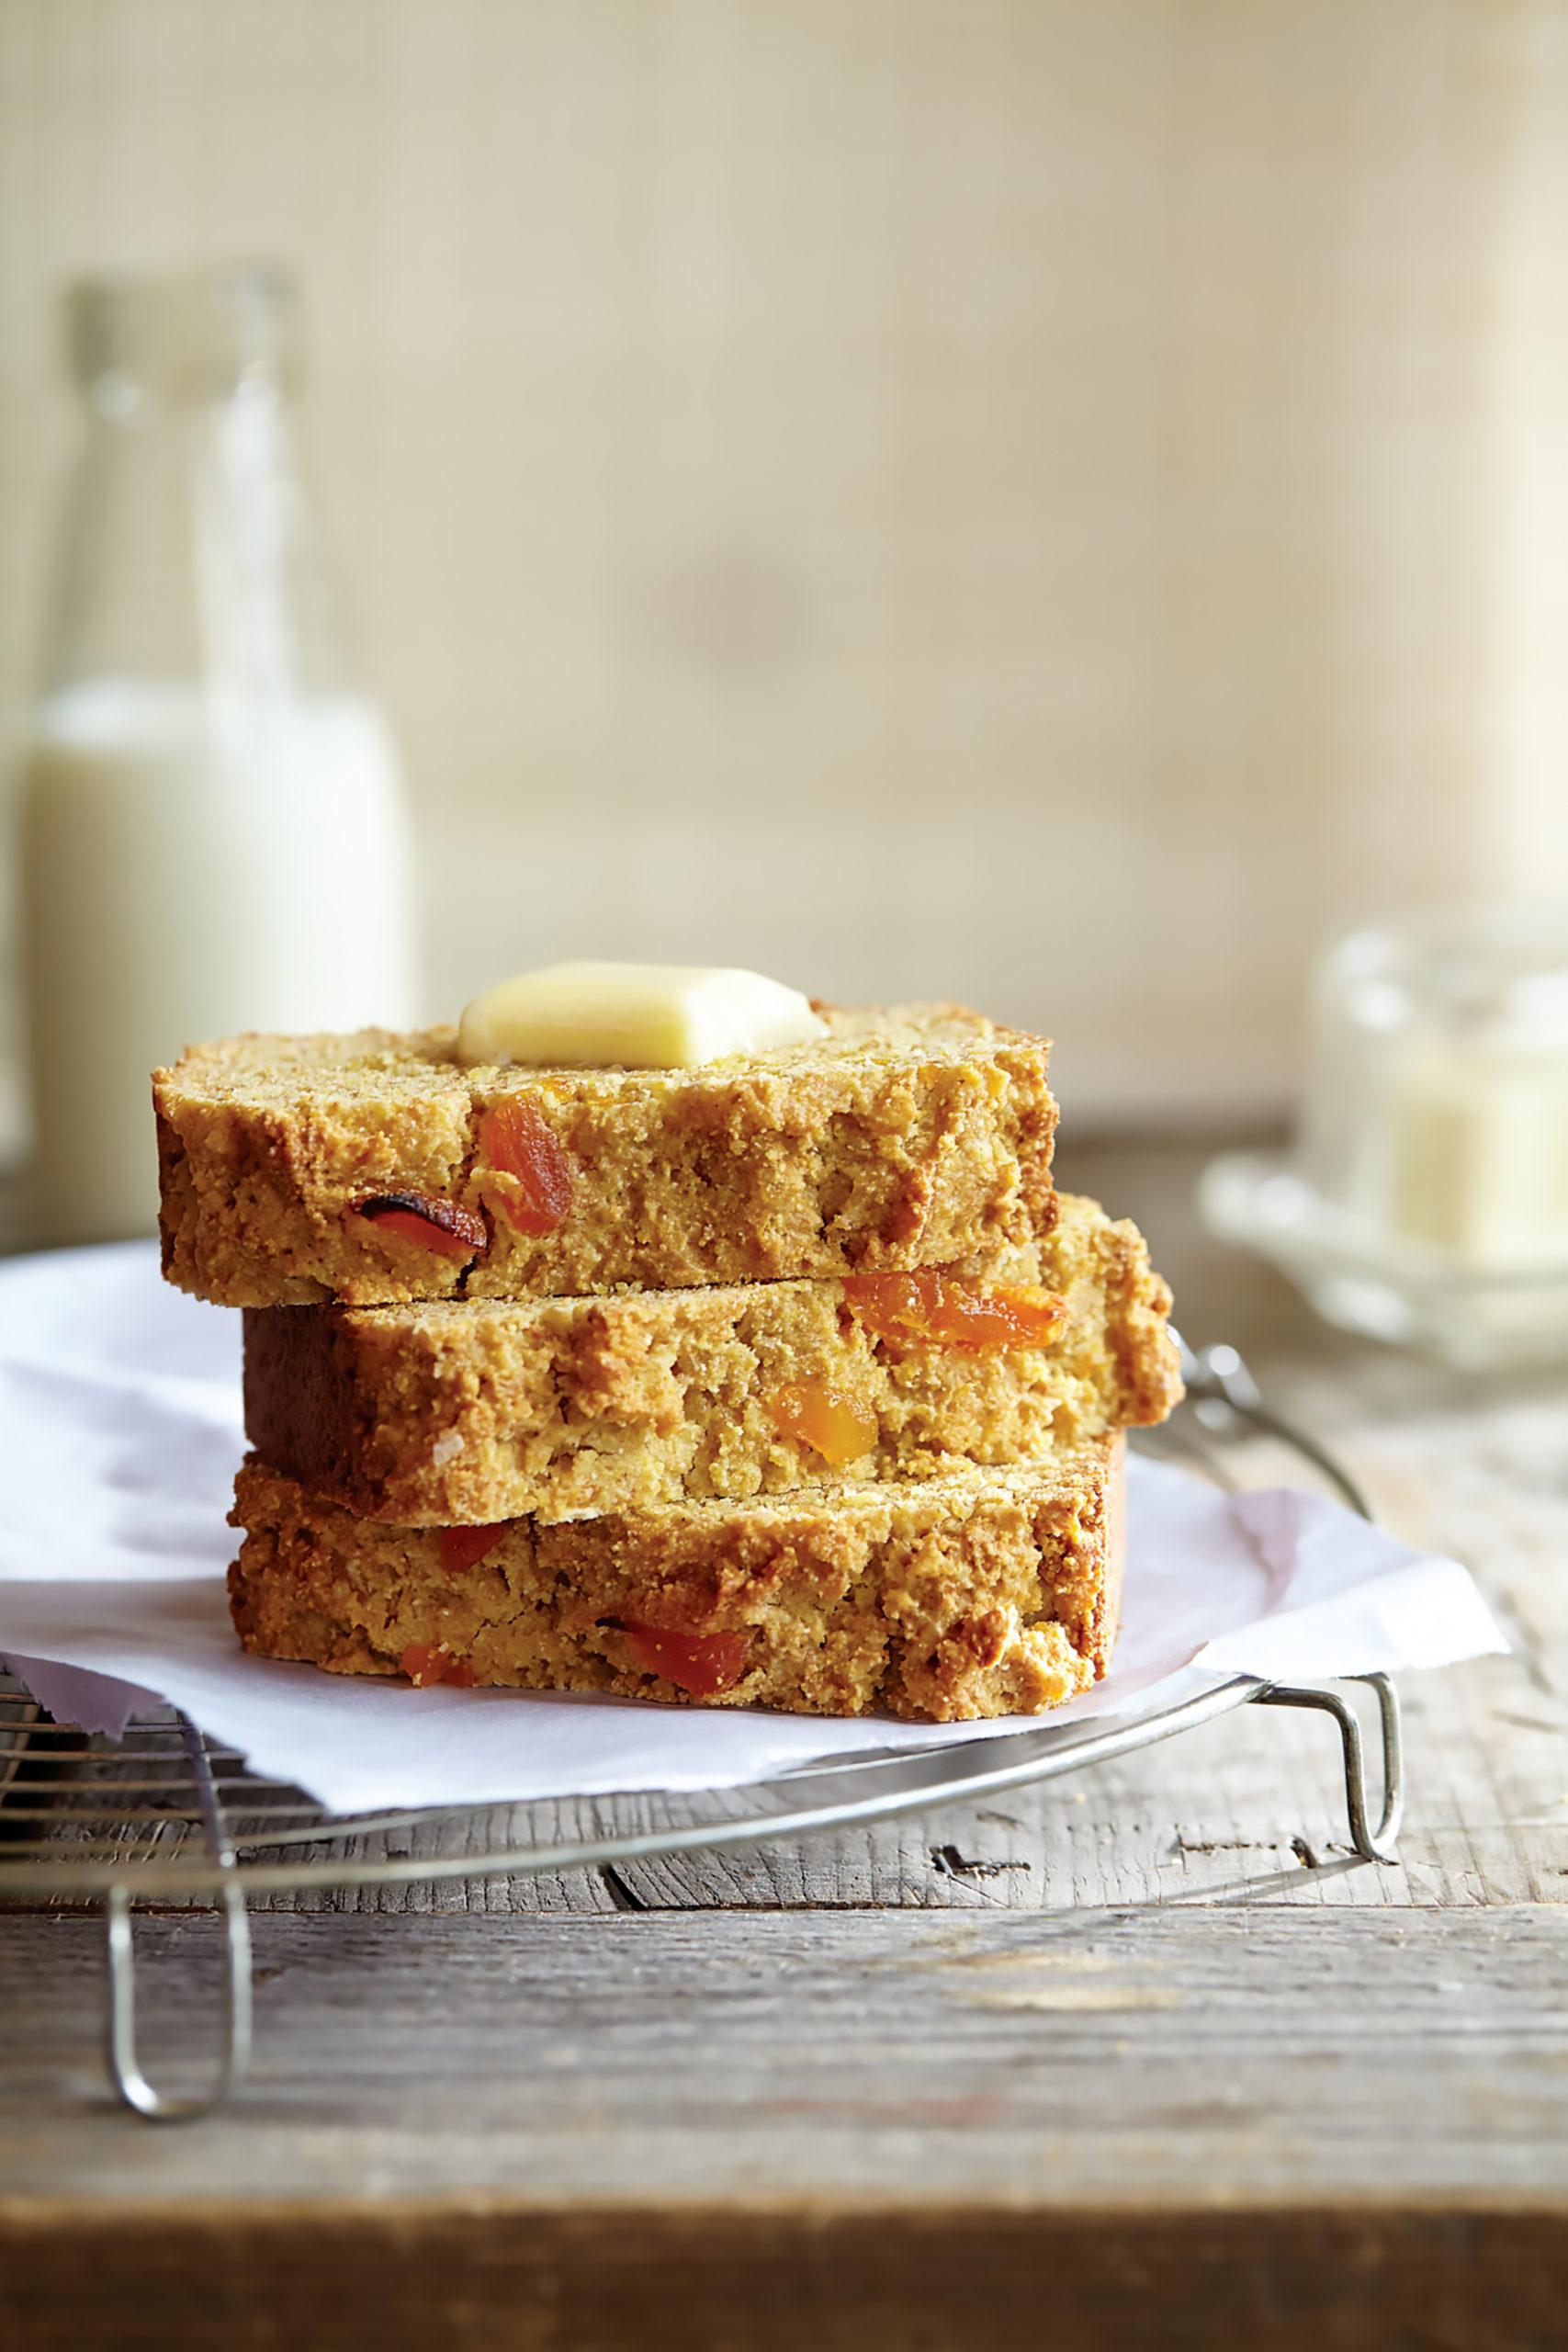 Das Aprikosen-Maisbrot schmeckt pur oder mit selbst gemachter Aprikosenmarmelade besonders gut